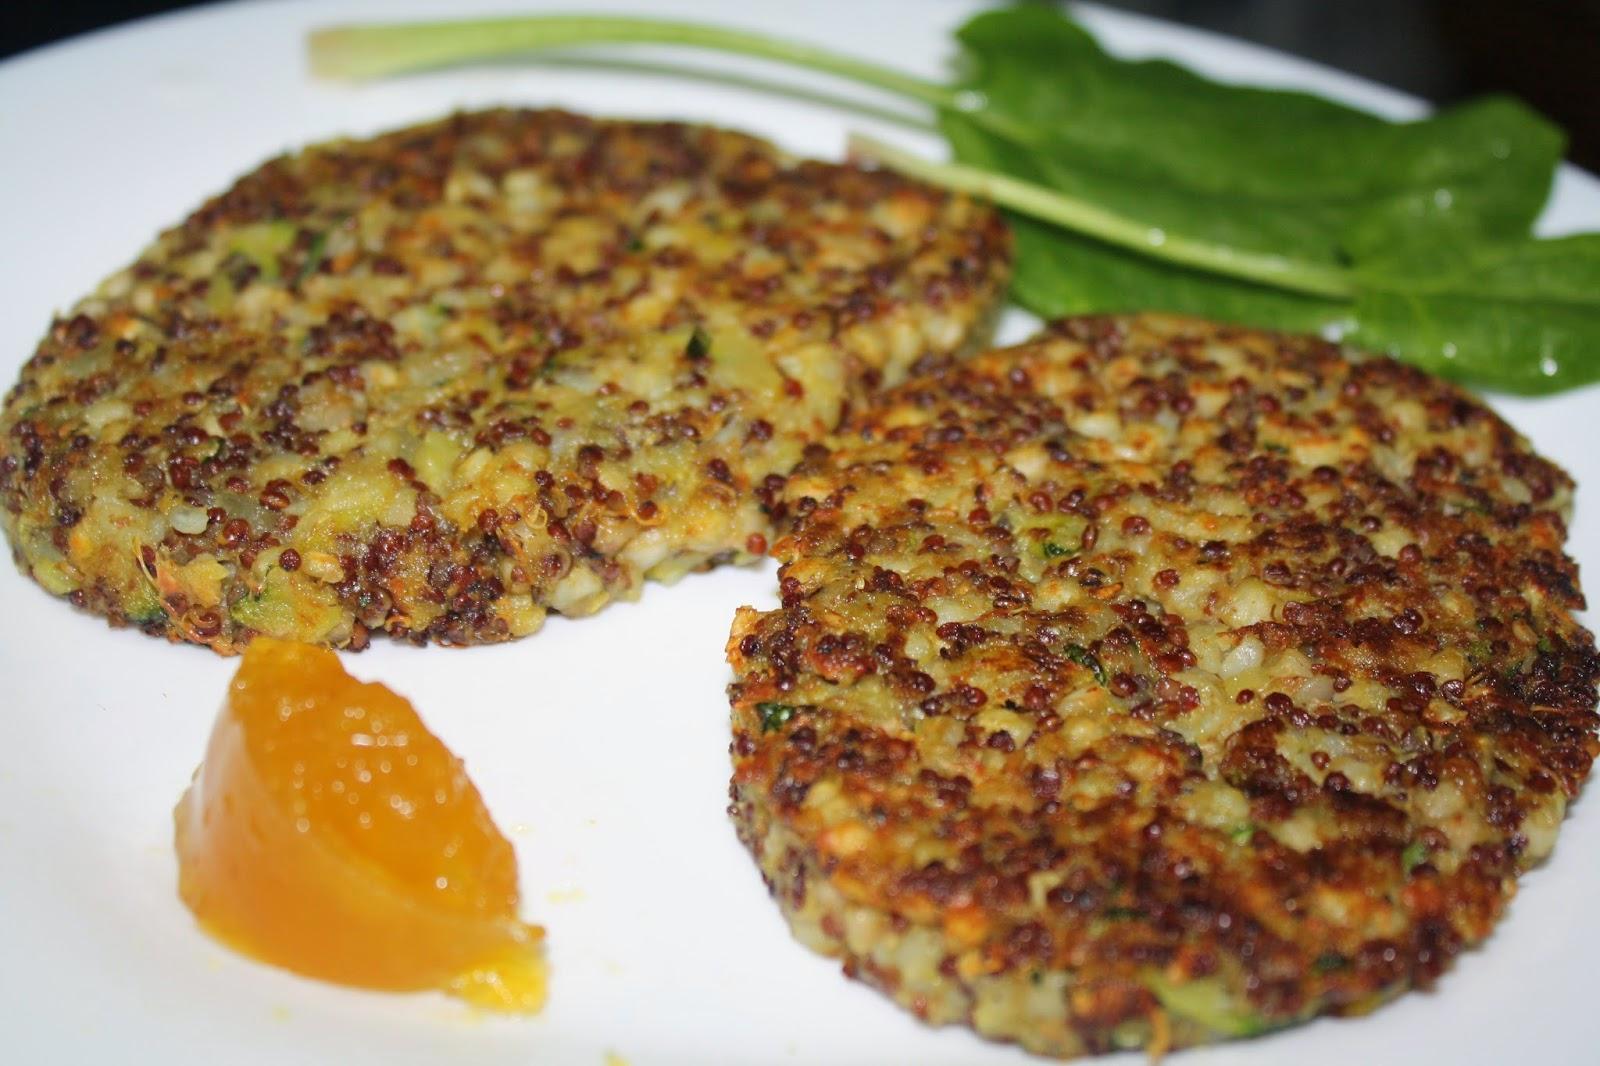 Mis consejos y recetas saludables hamburguesas de quinoa y trigo sarraceno - Cocinar quinoa con verduras ...